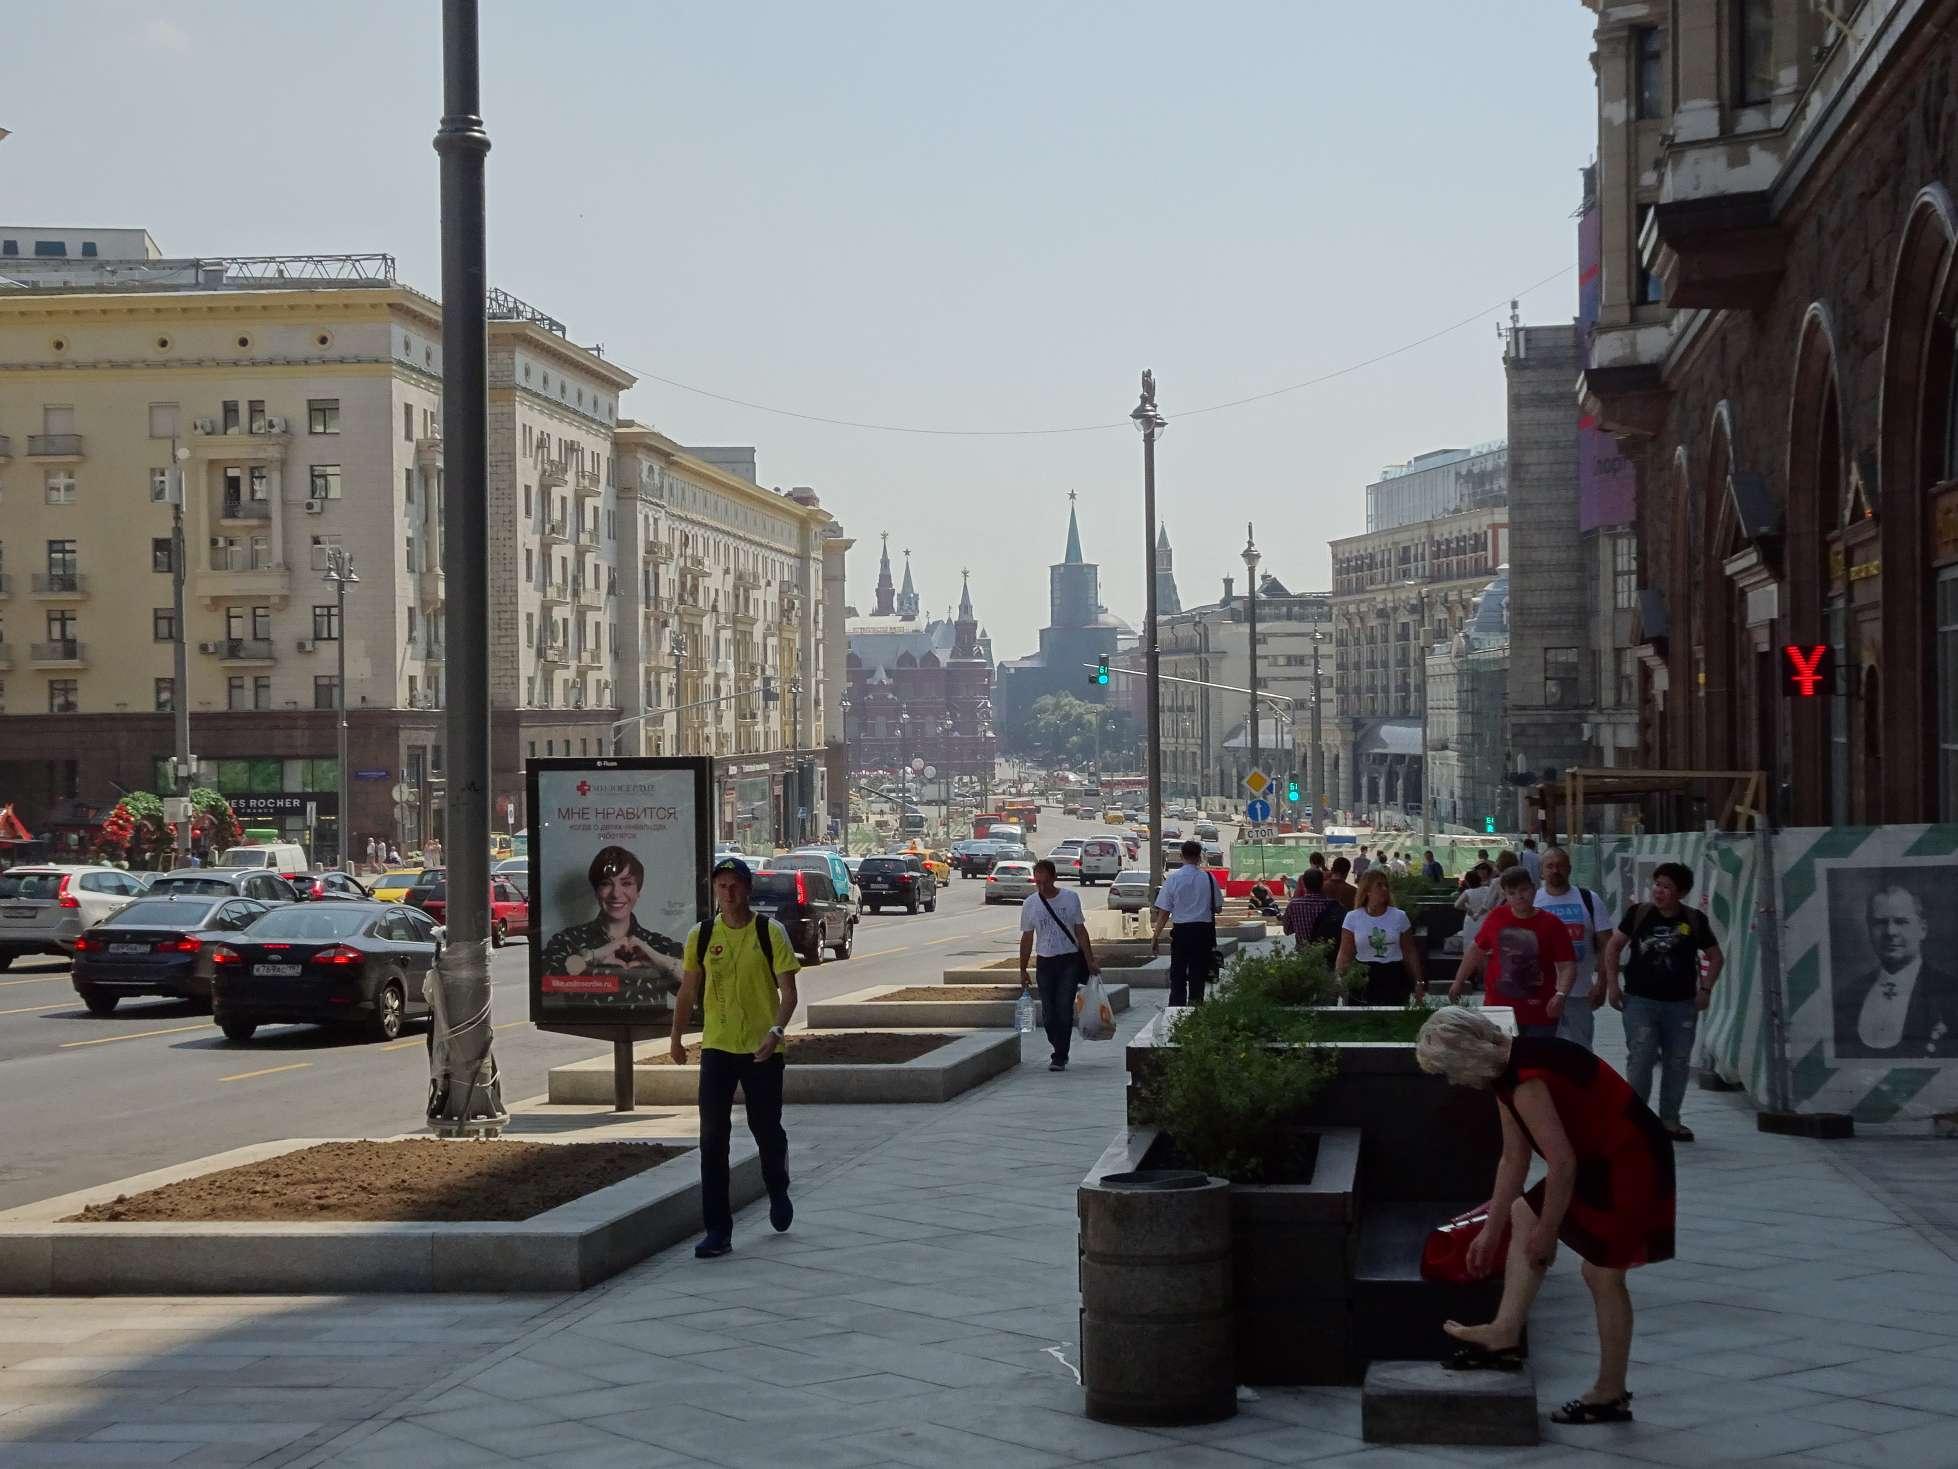 Moskau ist die letzte Station unserer Reise